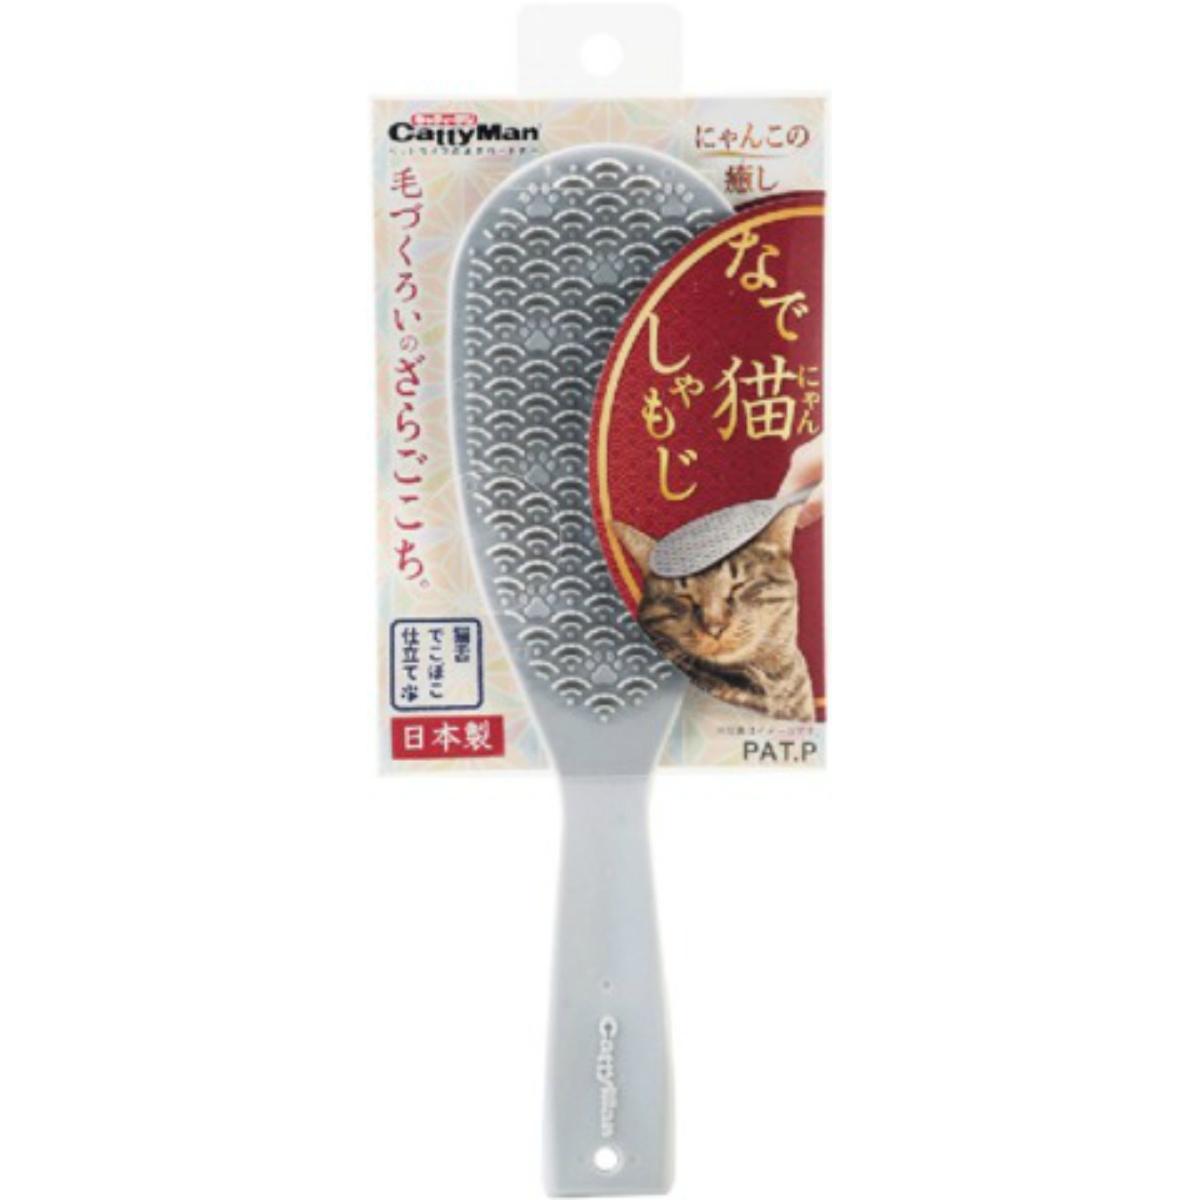 舌でグルーミングされているようなしゃもじ型ブラシ 猫用マッサージ用品 4976555830897 配送おまかせ ドギーマン しゃもじ 1個 なで猫 情熱セール にゃん キャティーマン 美品